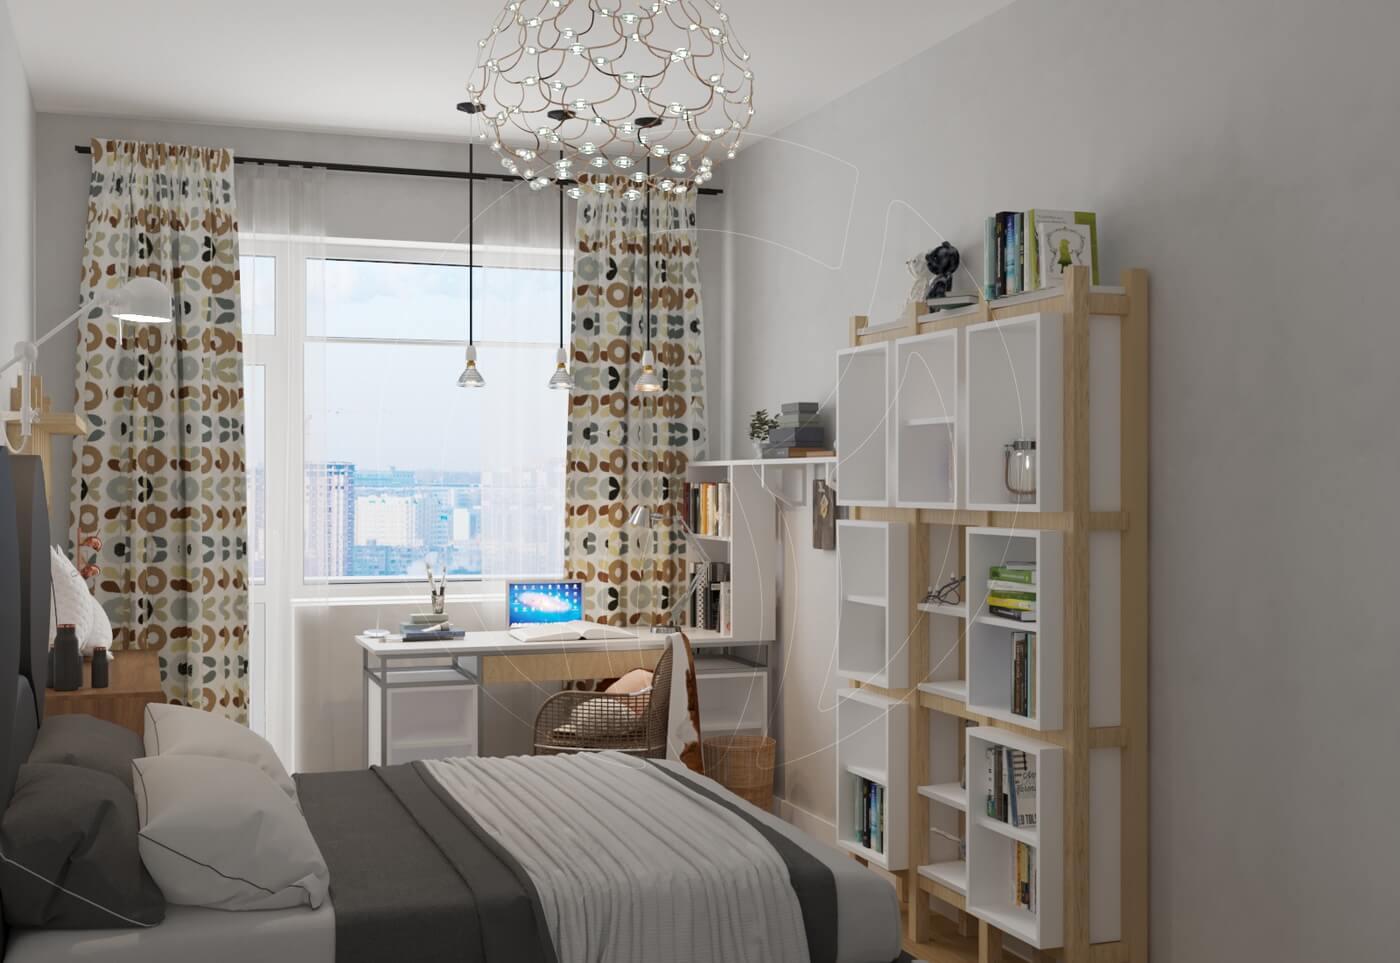 Квартира в скандинавском стиле и стиле LOFT. Детская комната в скандинавском стиле